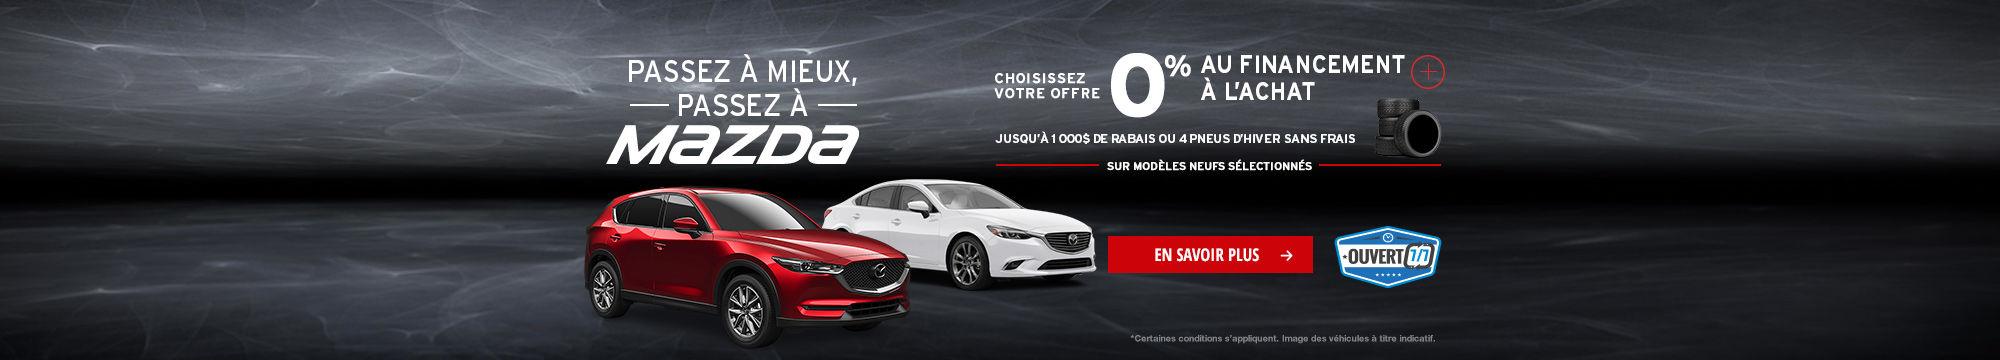 L'Événement Passez à Mazda